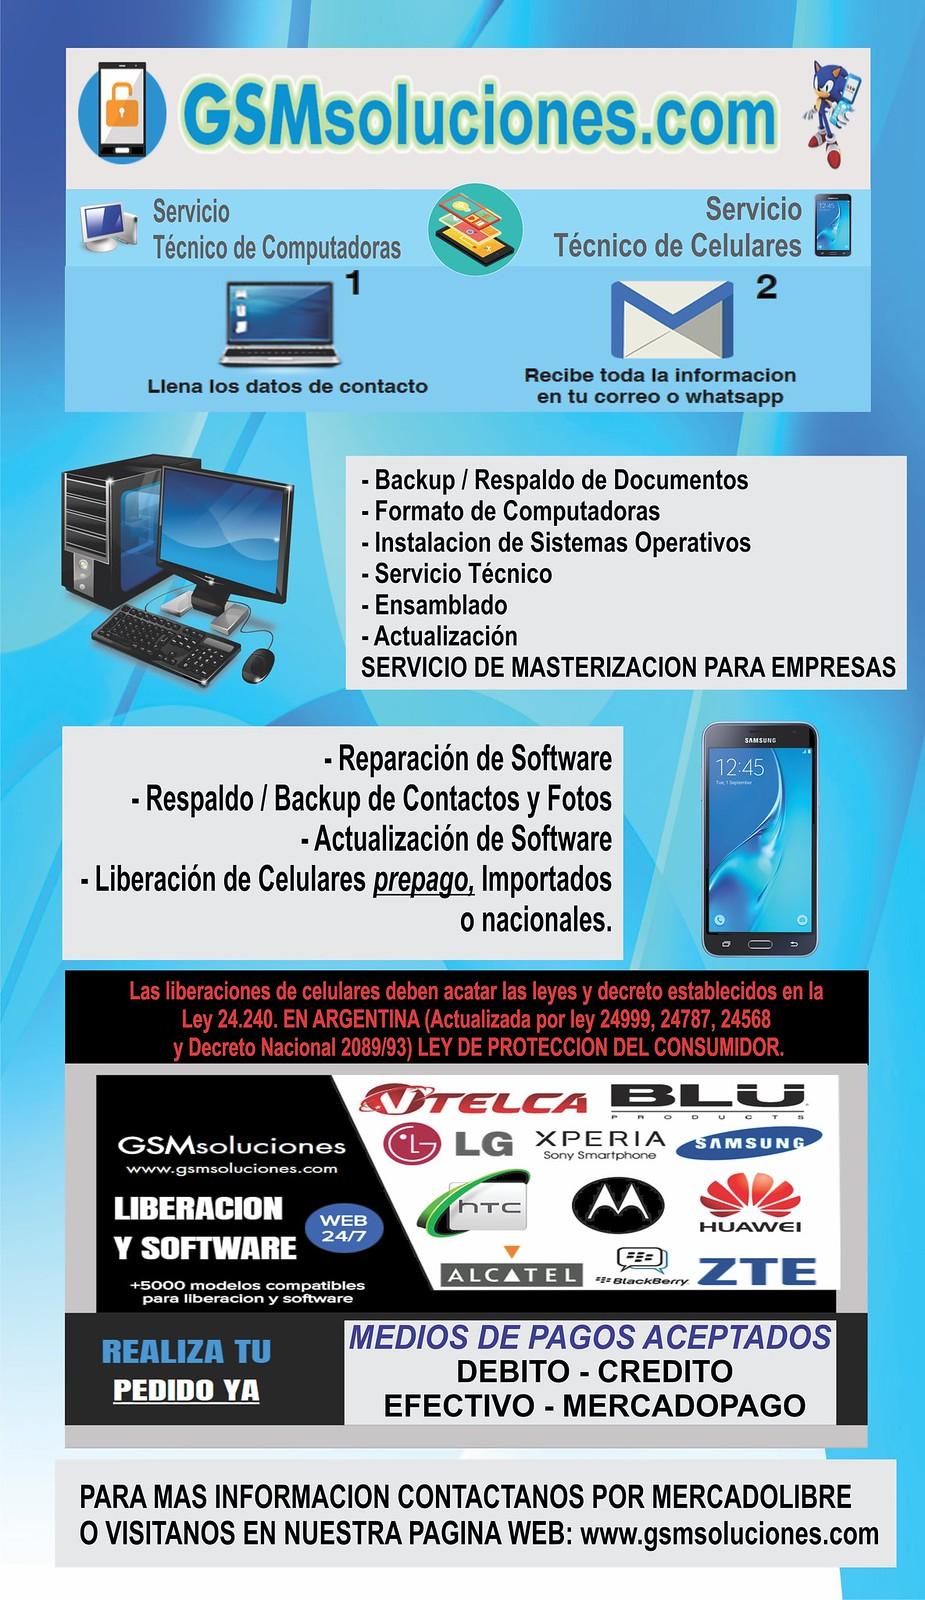 visita www.gsmsoluciones.com